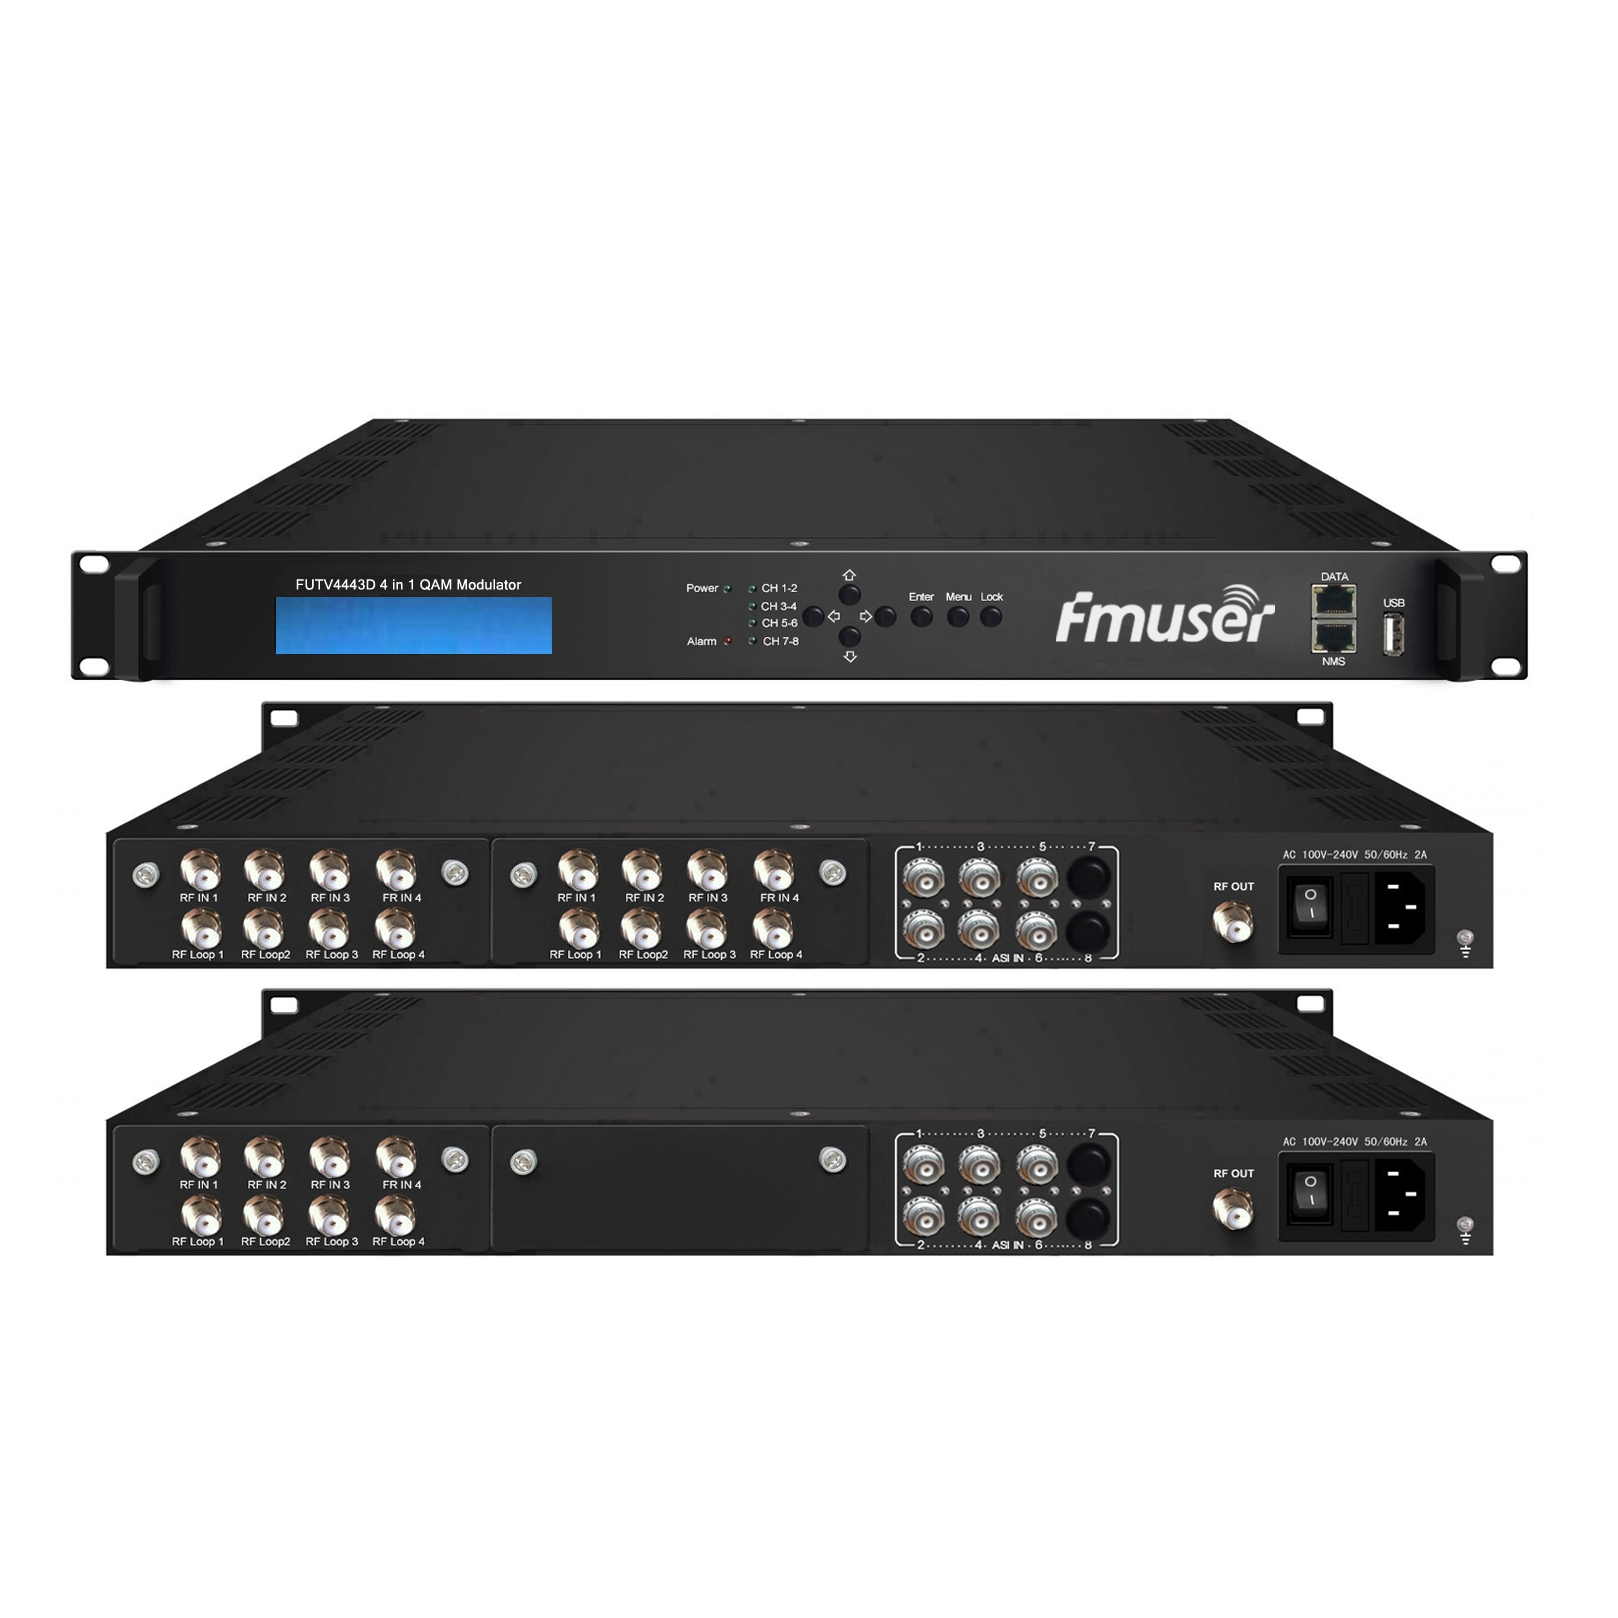 میں FMUSER FUTV4443D 4 1 ہے Demux-دوڑ دھوپ Latinas QAM modulator کے (8Tuner + 6 * اے ایس آئی میں، 4Tuner + 6 * اے ایس آئی + 2 * IP باہر) ویب managementtor ساتھ